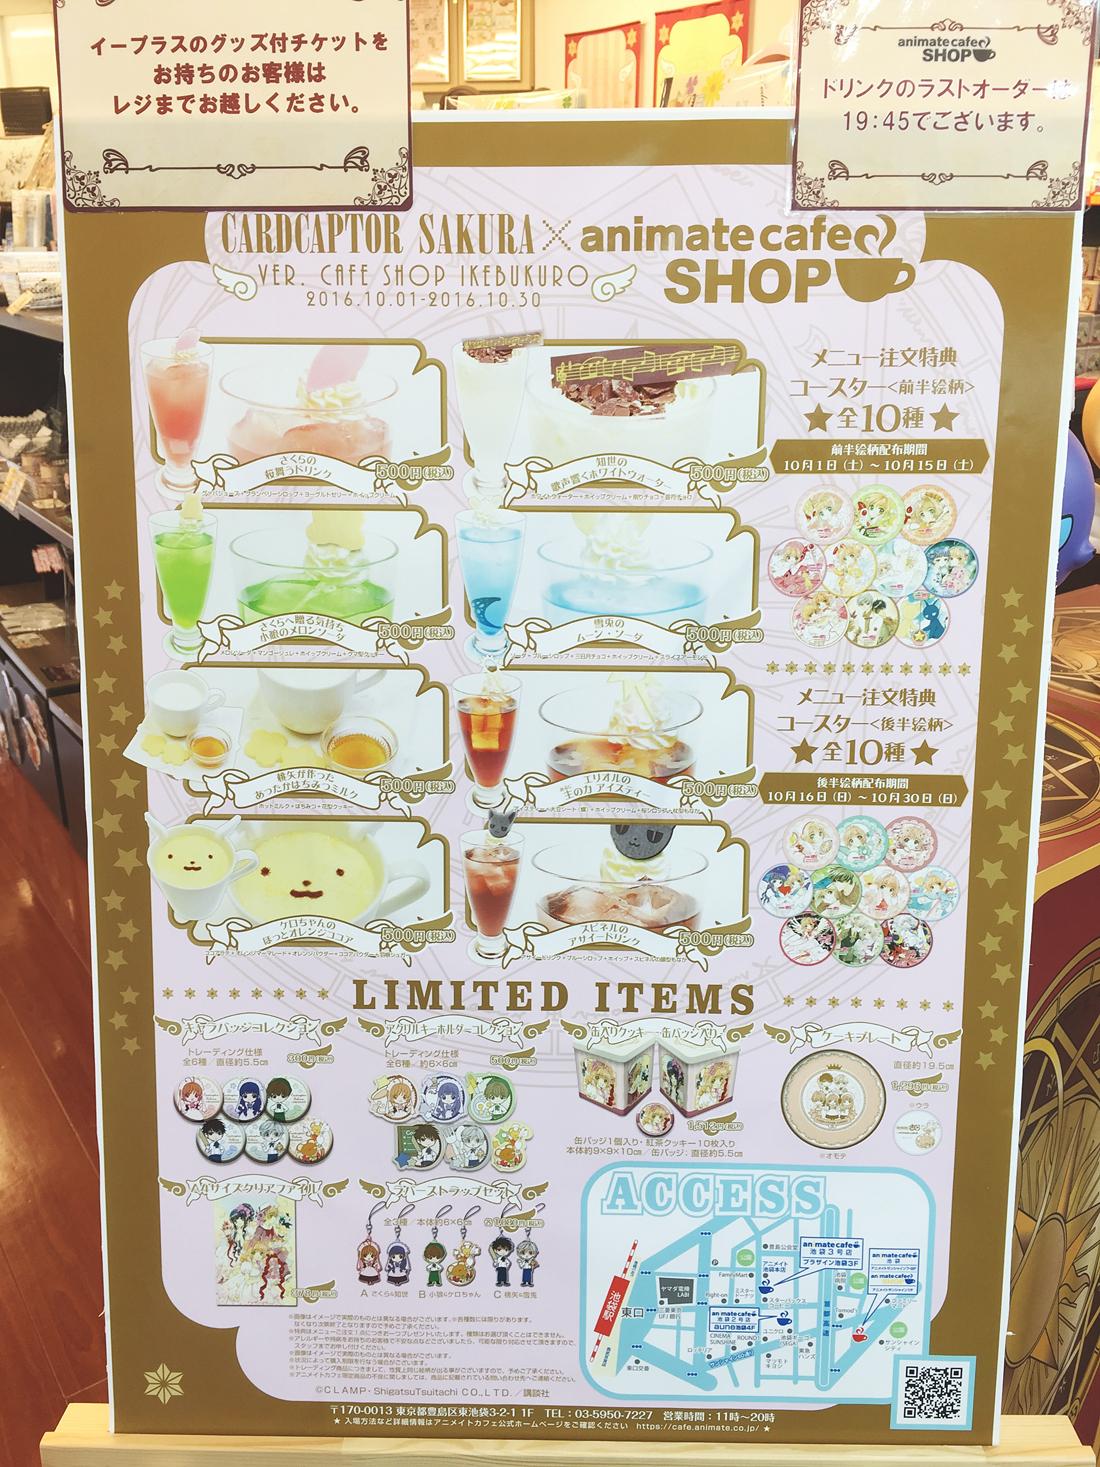 cardcaptor-sakura-animate-cafe-ikebukuro-tokyo-rainbowholic5